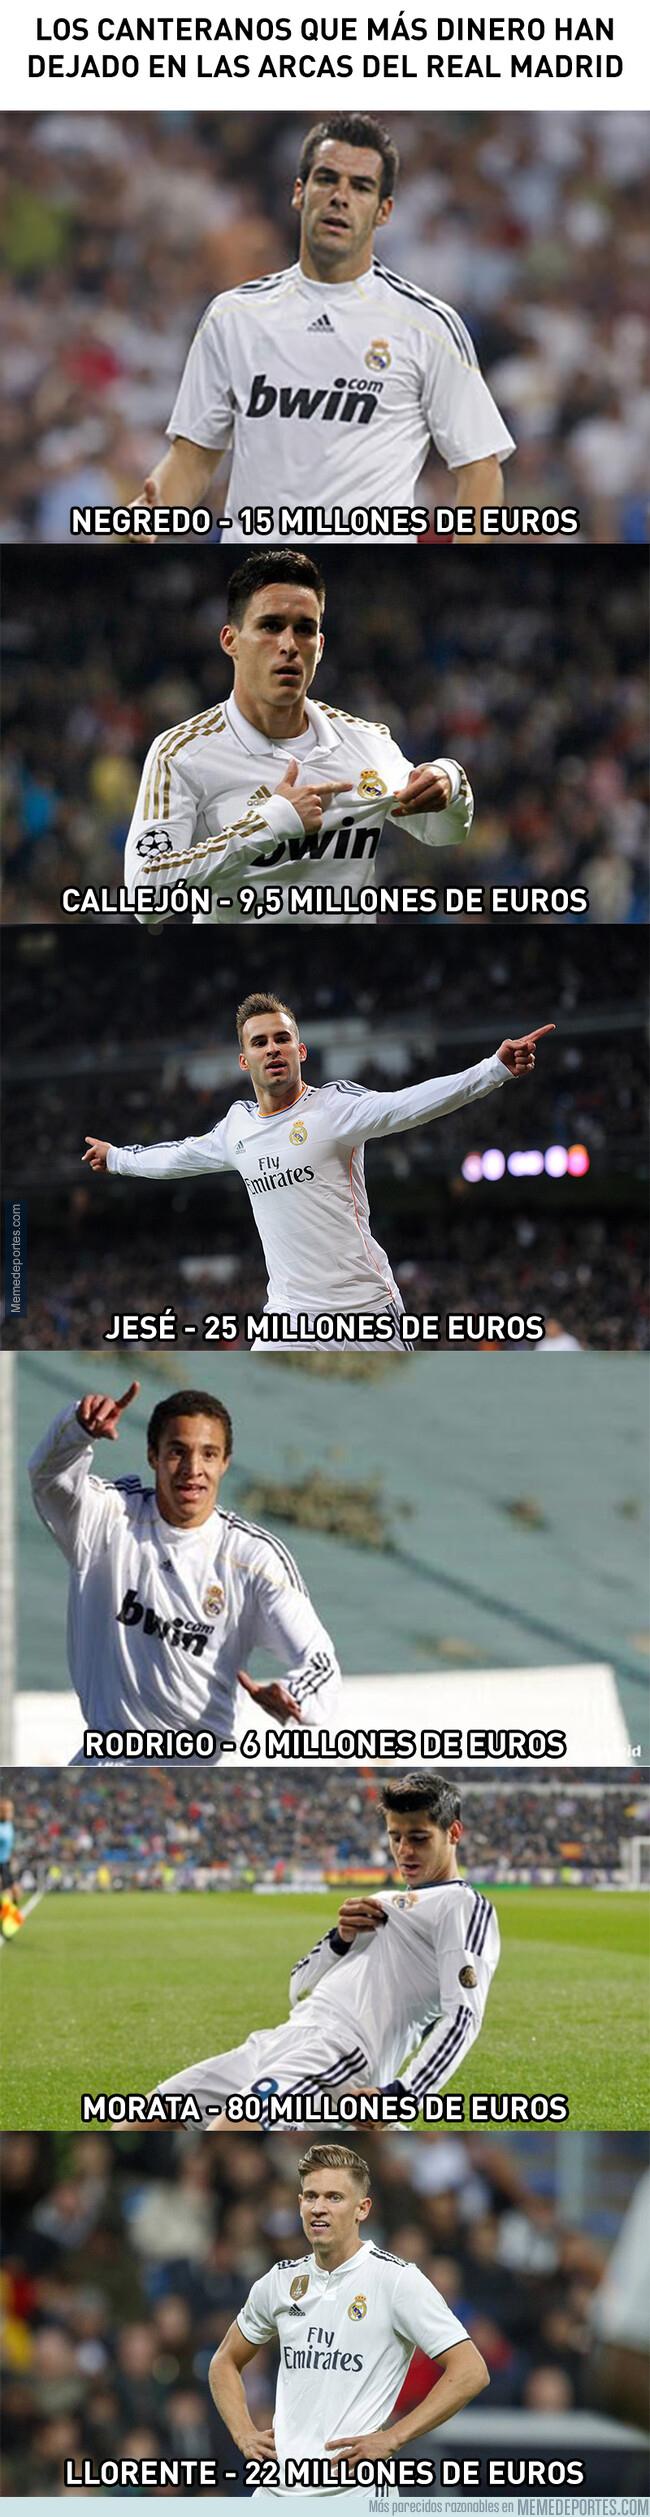 1079999 - Los canteranos que más dinero han aportado al Real Madrid